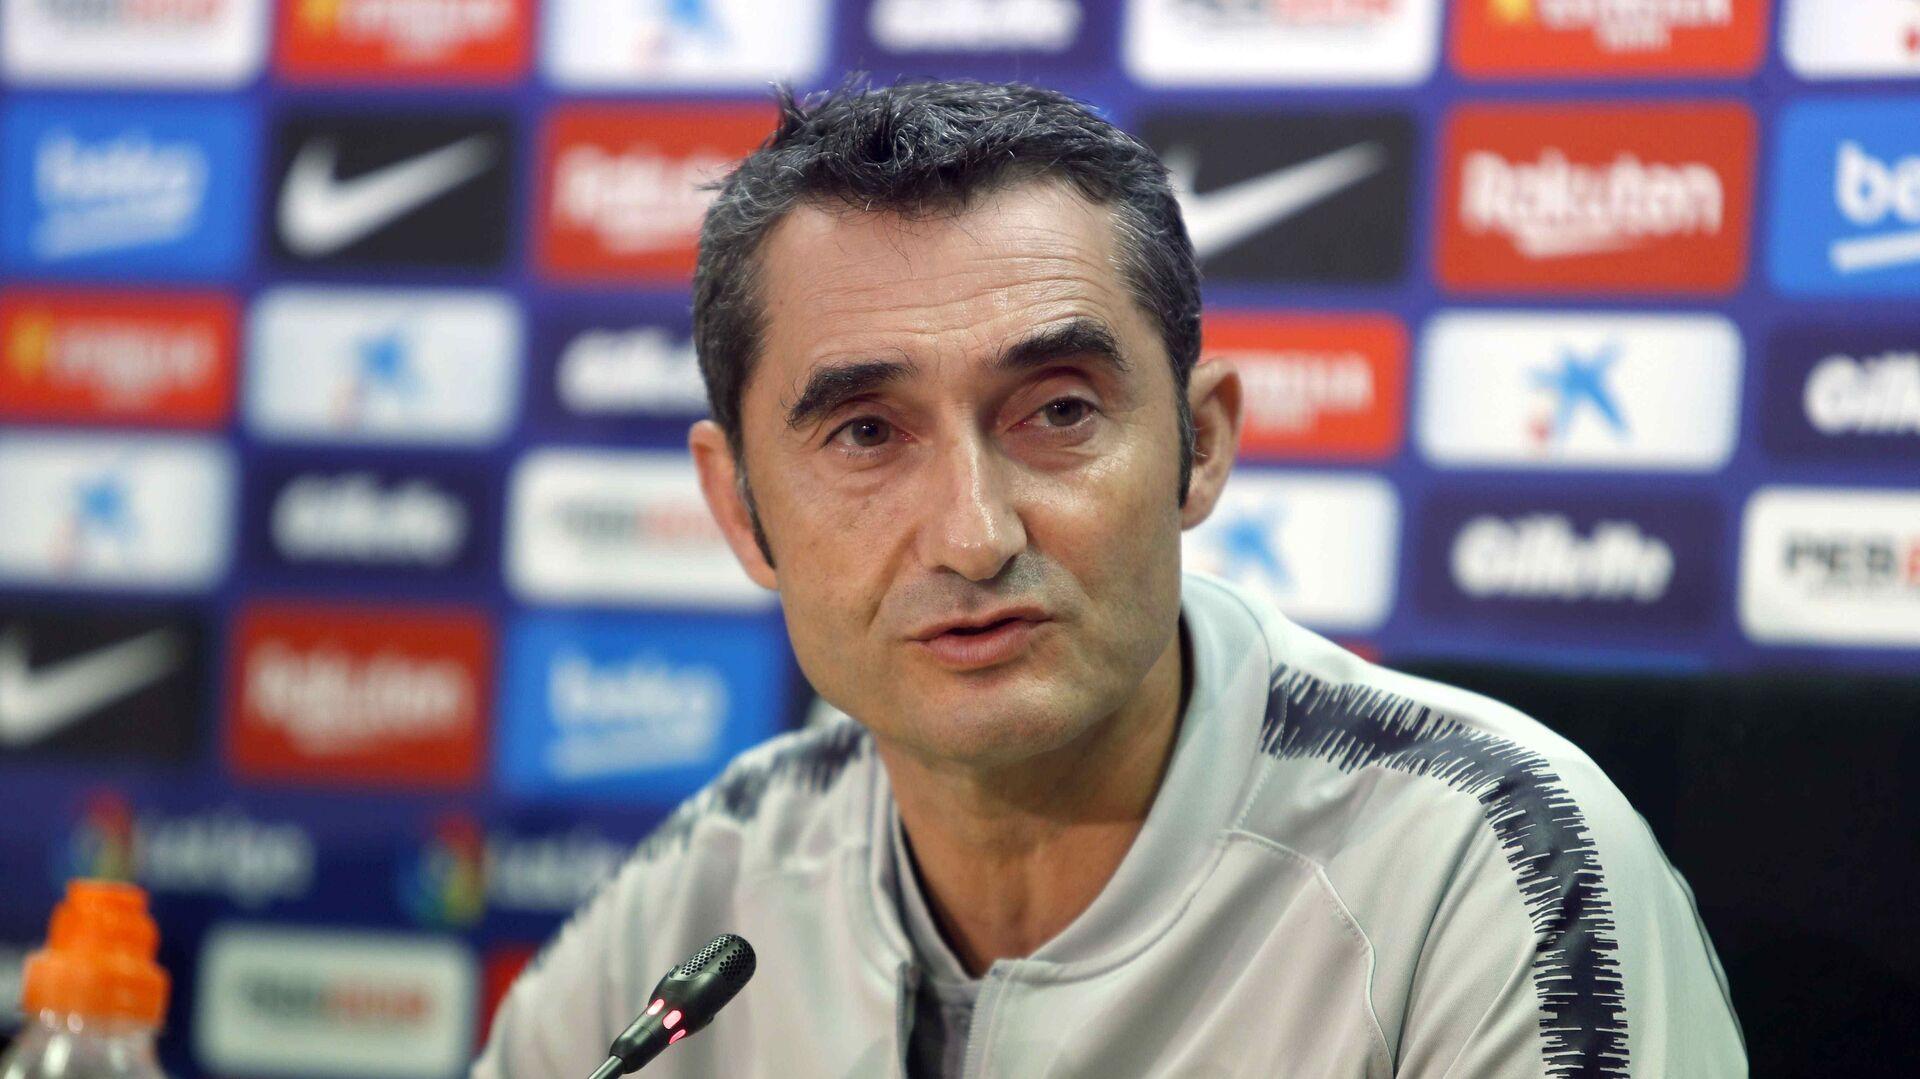 """Valverde: """"El mejor entrenador es Guardiola, independientemente de que haya caído en la Champions"""""""